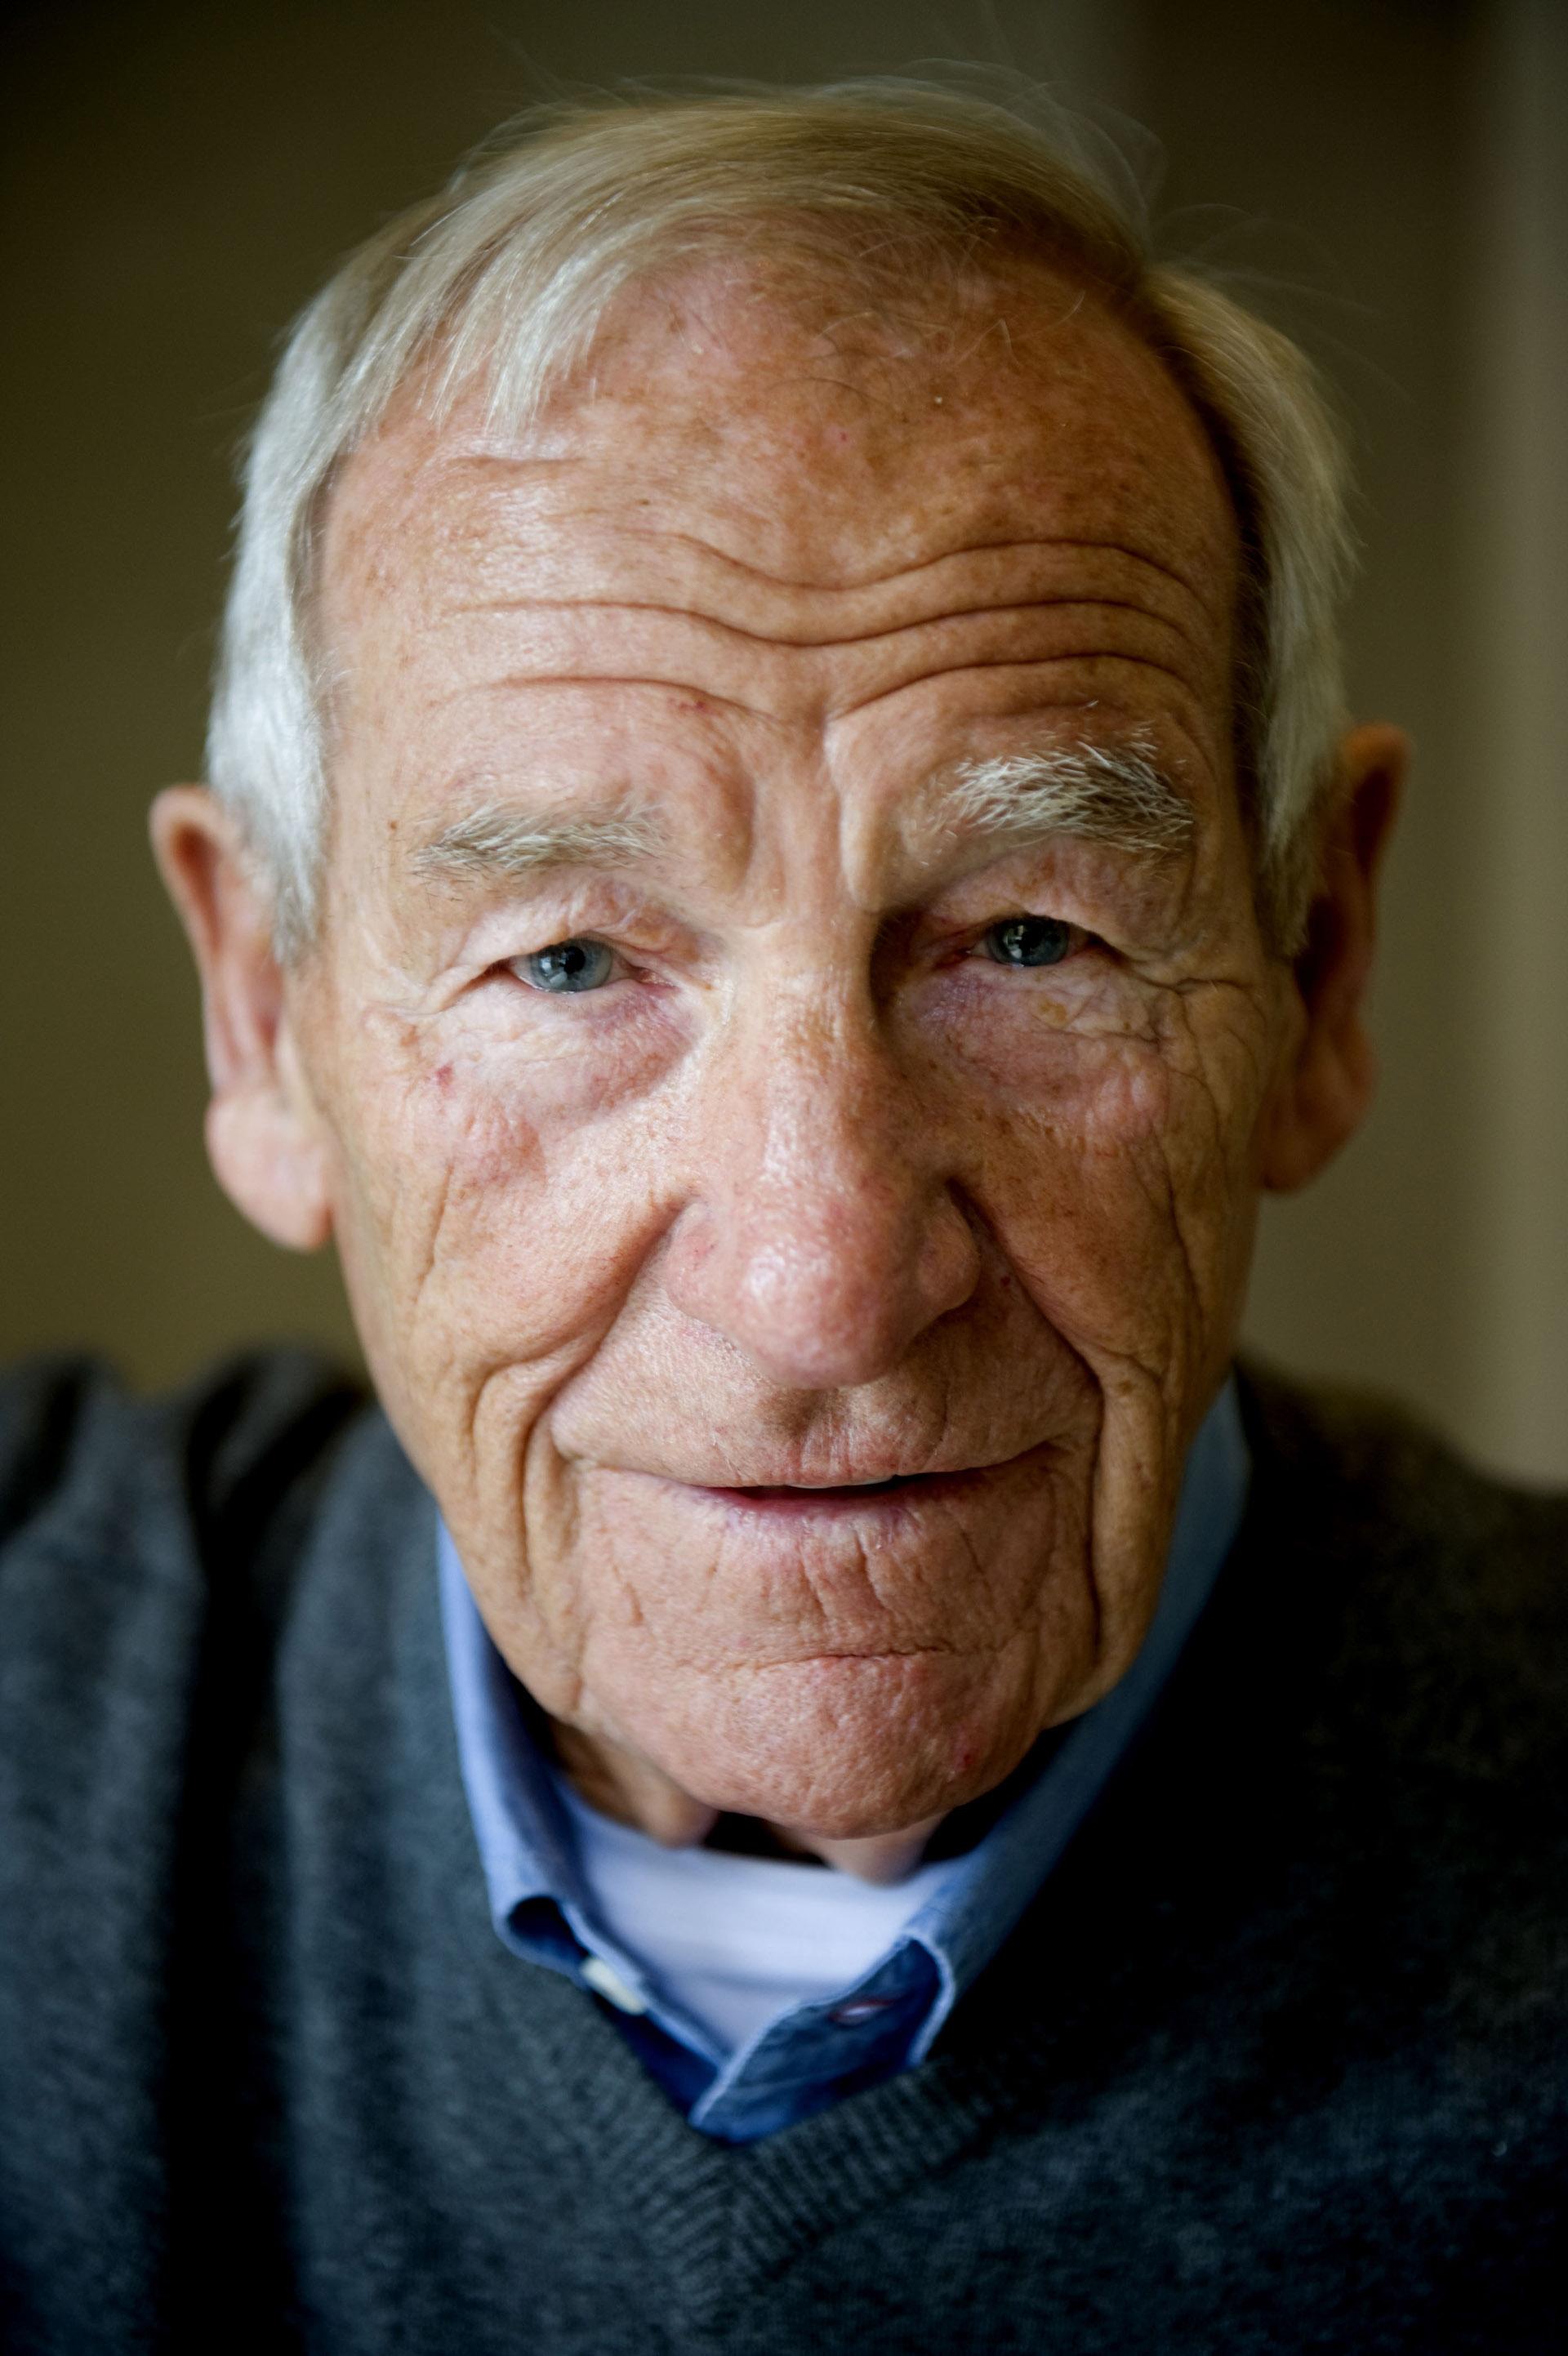 Trautmann murió en 2013 a sus 89 años en una localidad de Valencia, España (Shutterstock)